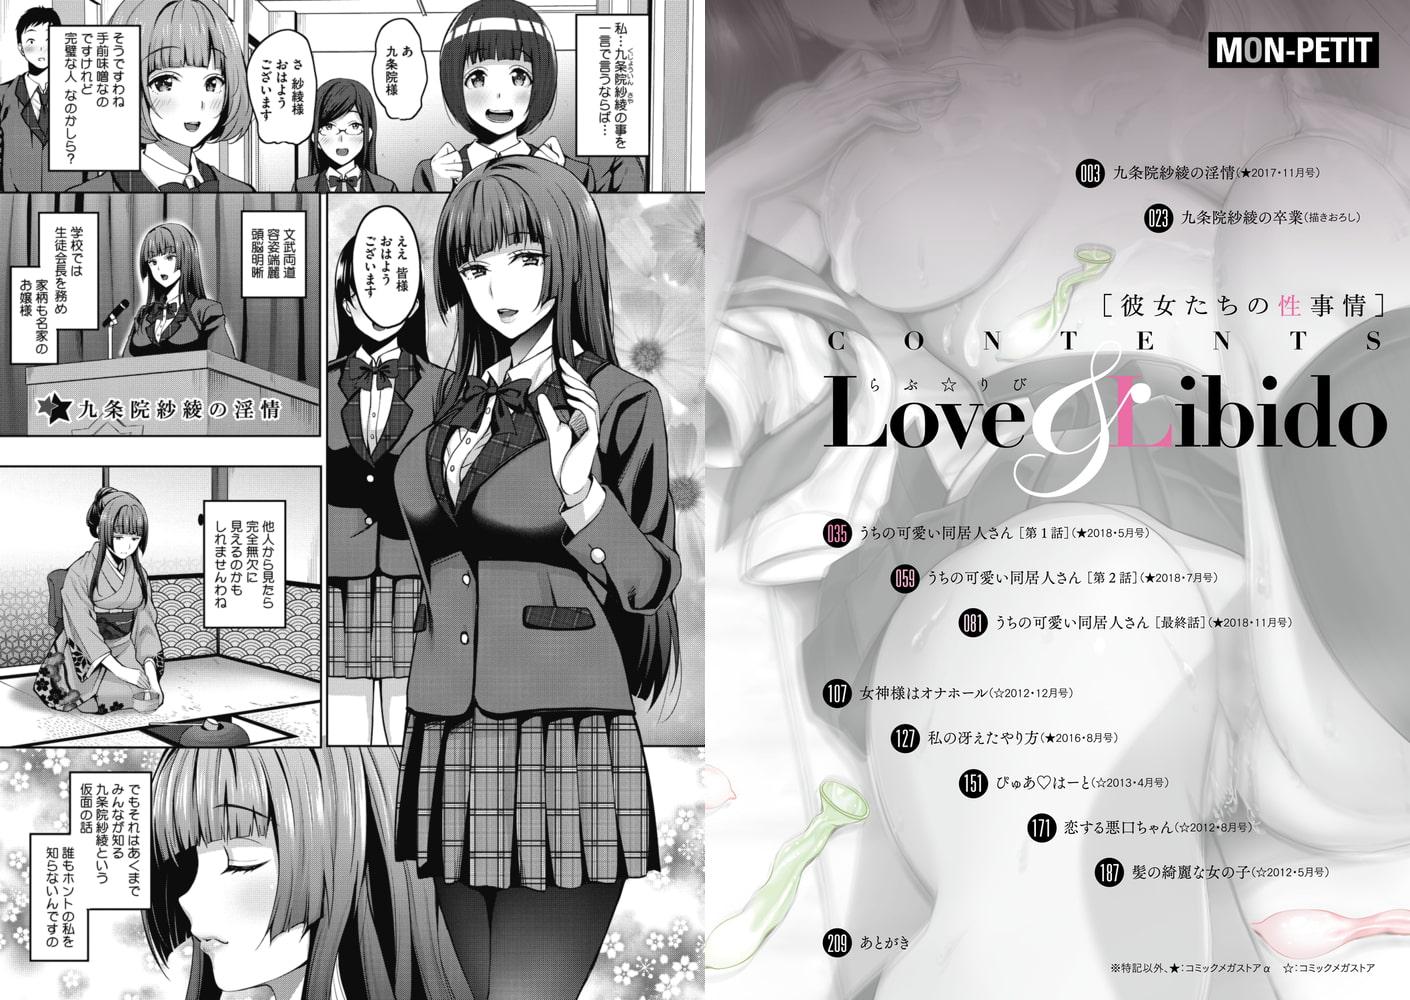 らぶ☆りび Love&Libido 彼女たちの性事情